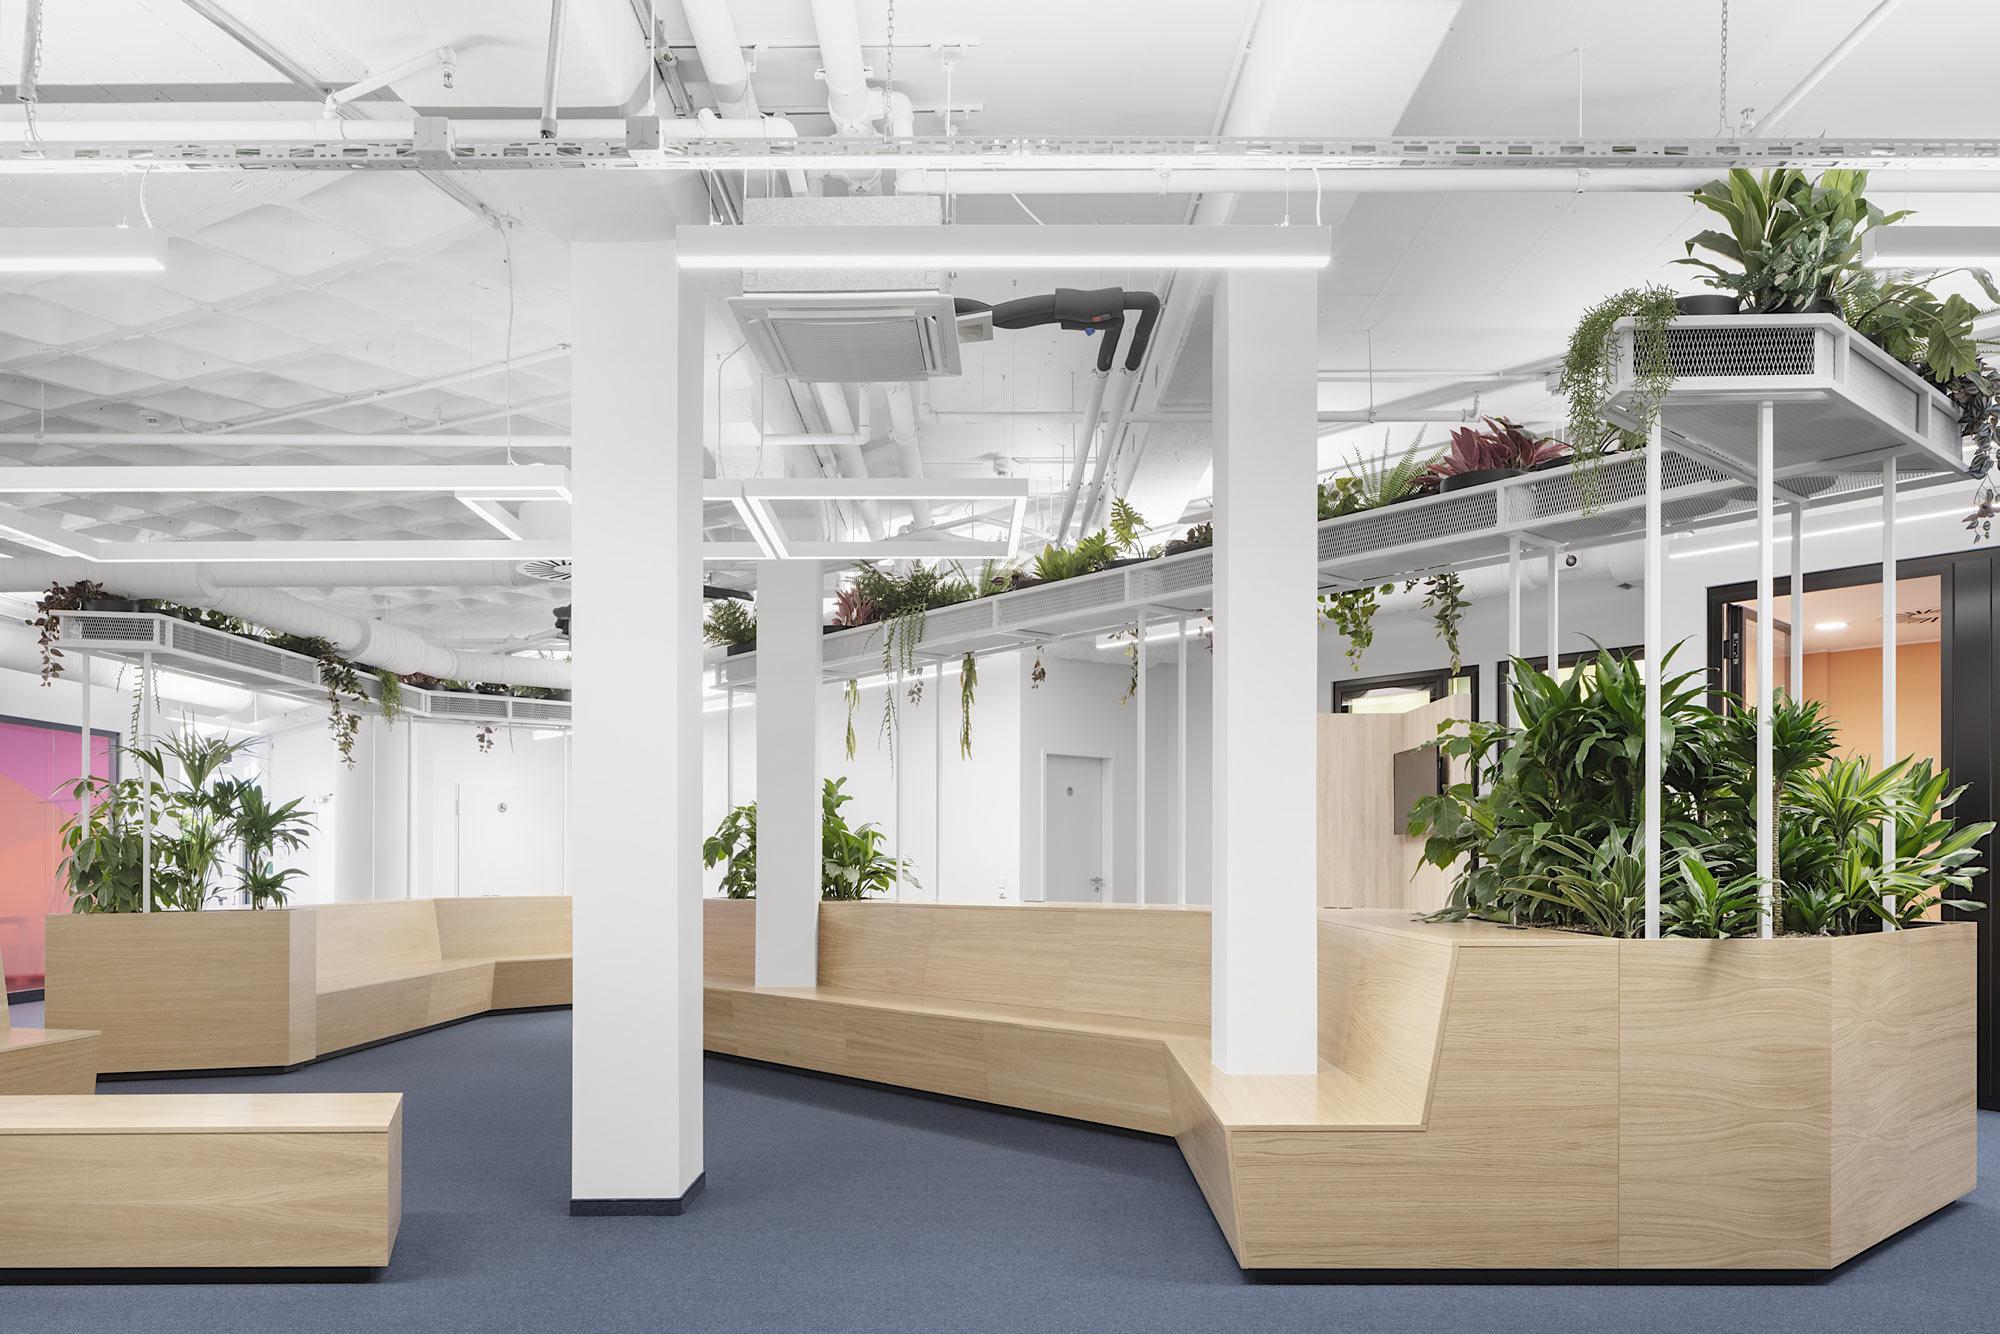 Auf den von Kinzo gestalteten Interimsflächen hat die Berlin Hyp nun die Möglichkeit, die Umstellung vom Zellenbüro hin zum Open Space zu erproben. Foto: Schnepp Renou